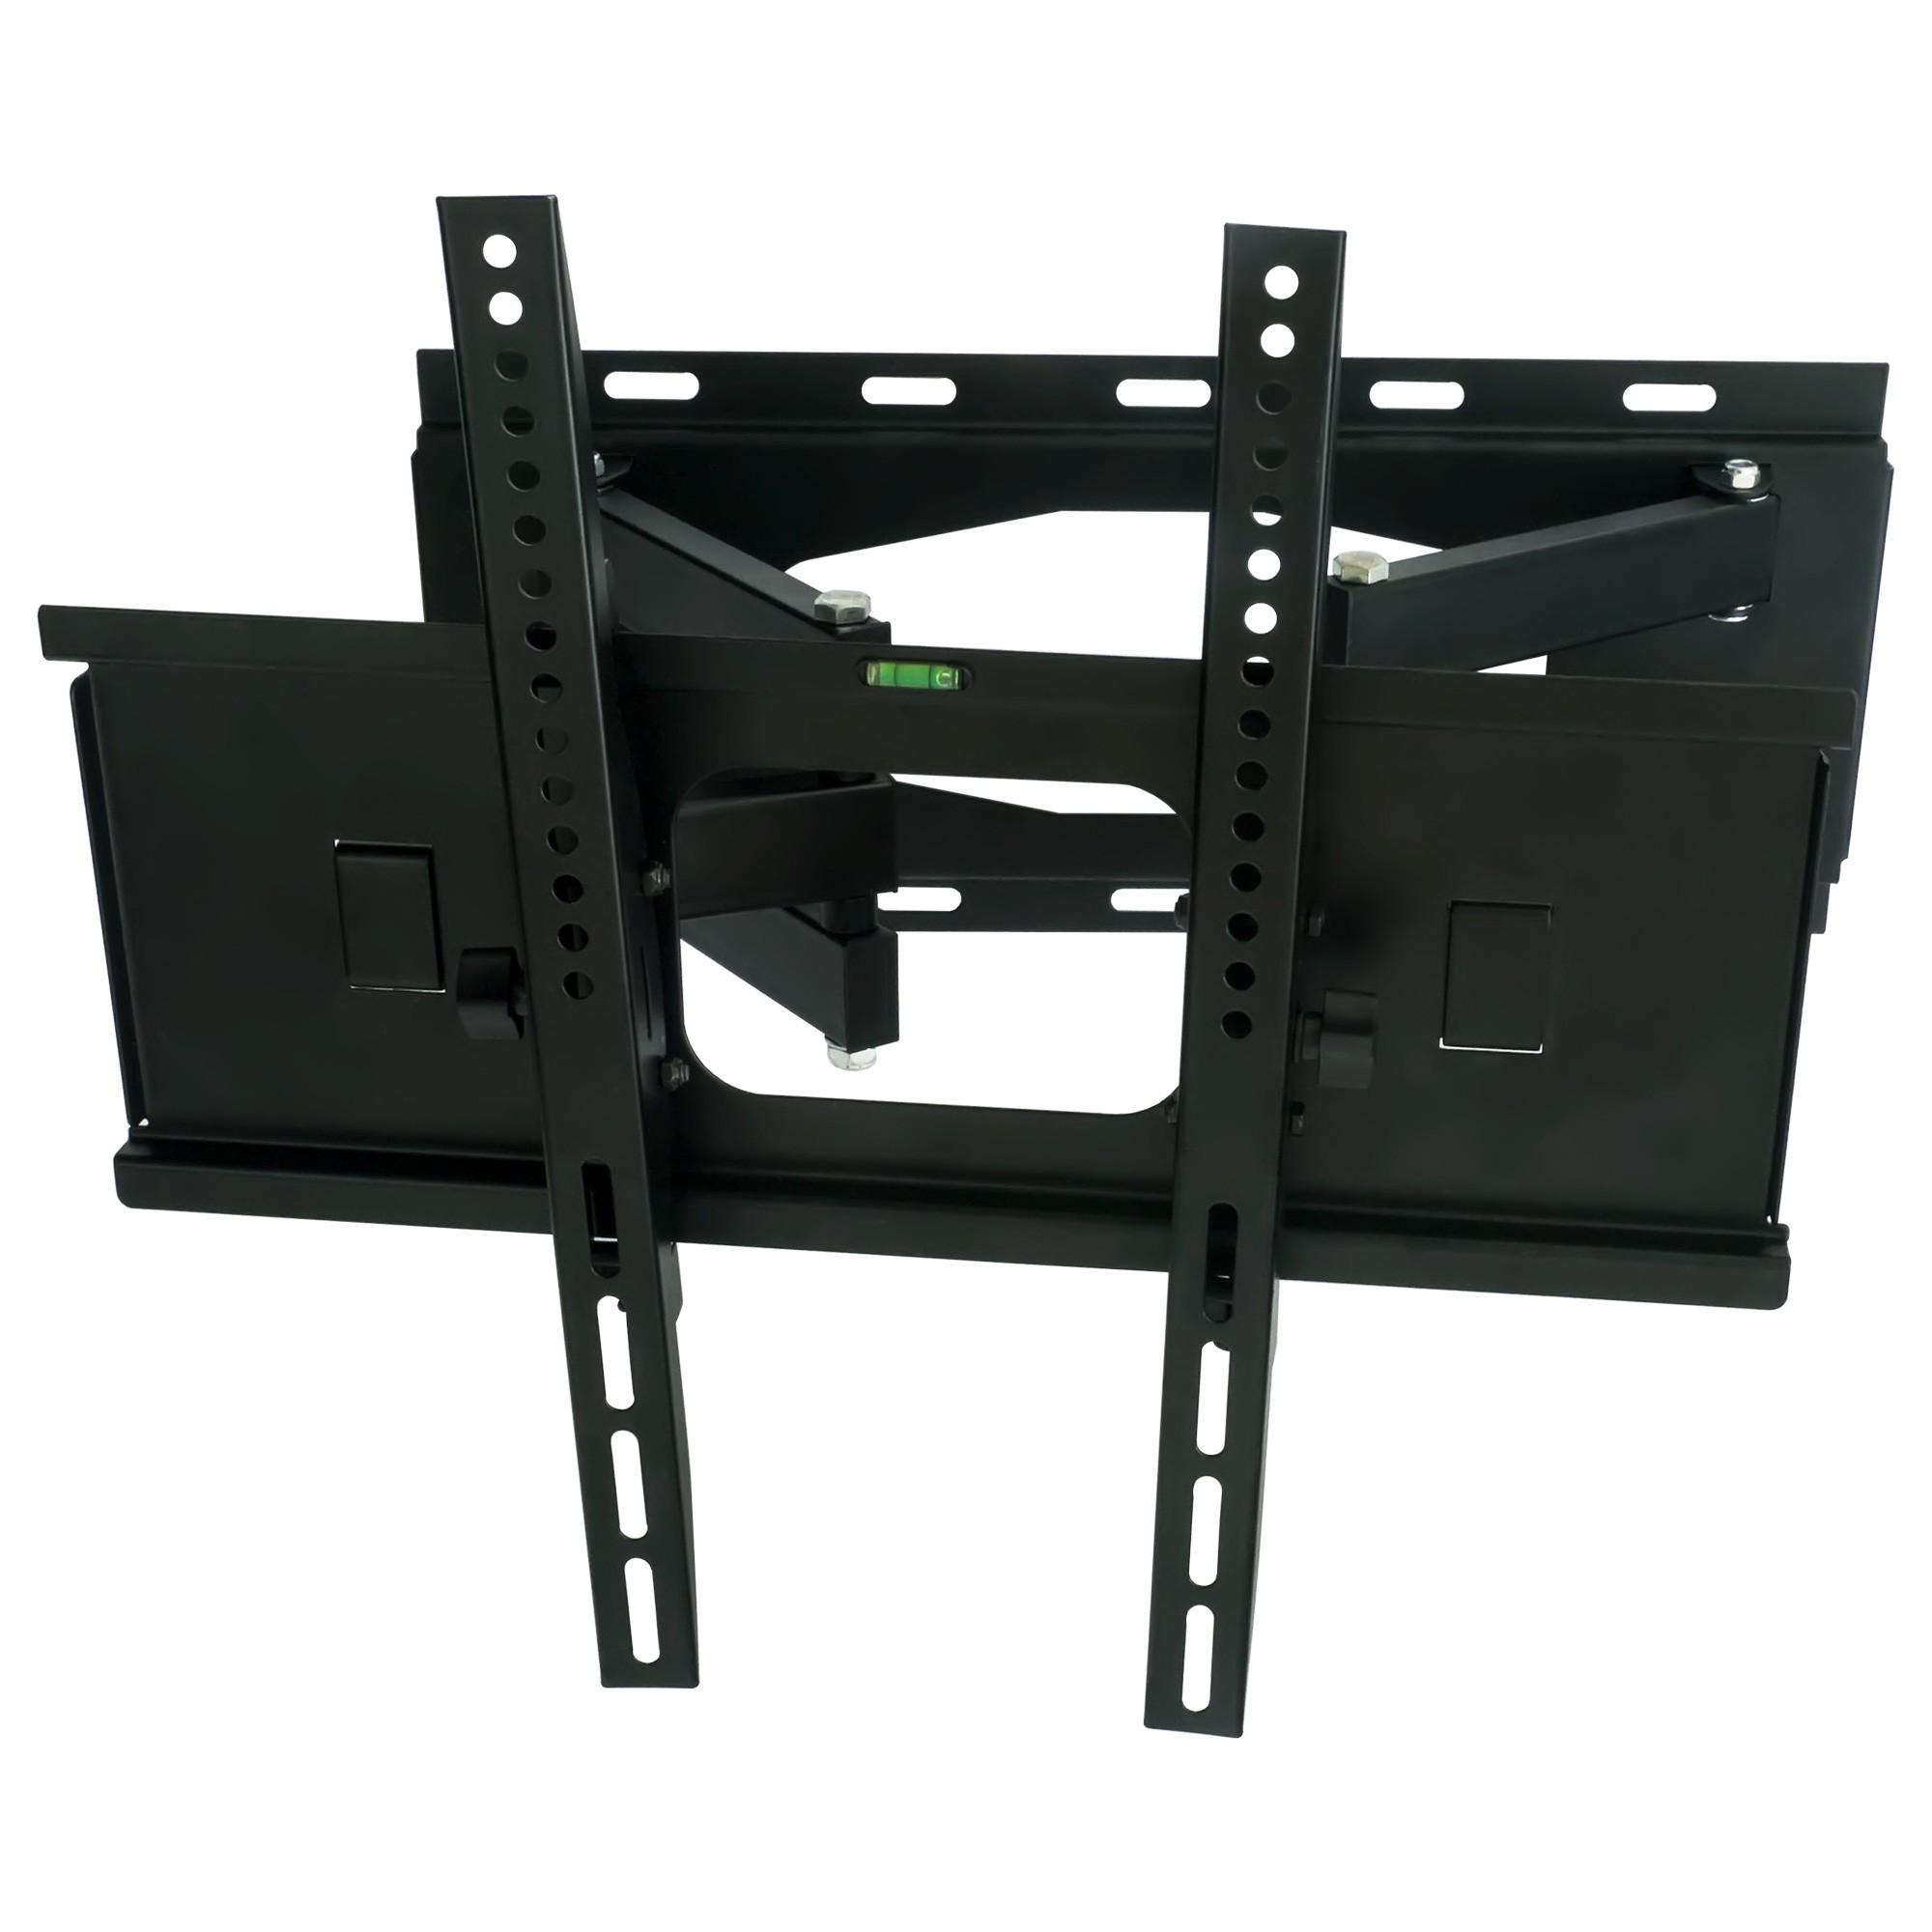 23 55 zoll tv wandhalterung halterung befestigung lcd led tft plasma fernseher ebay. Black Bedroom Furniture Sets. Home Design Ideas